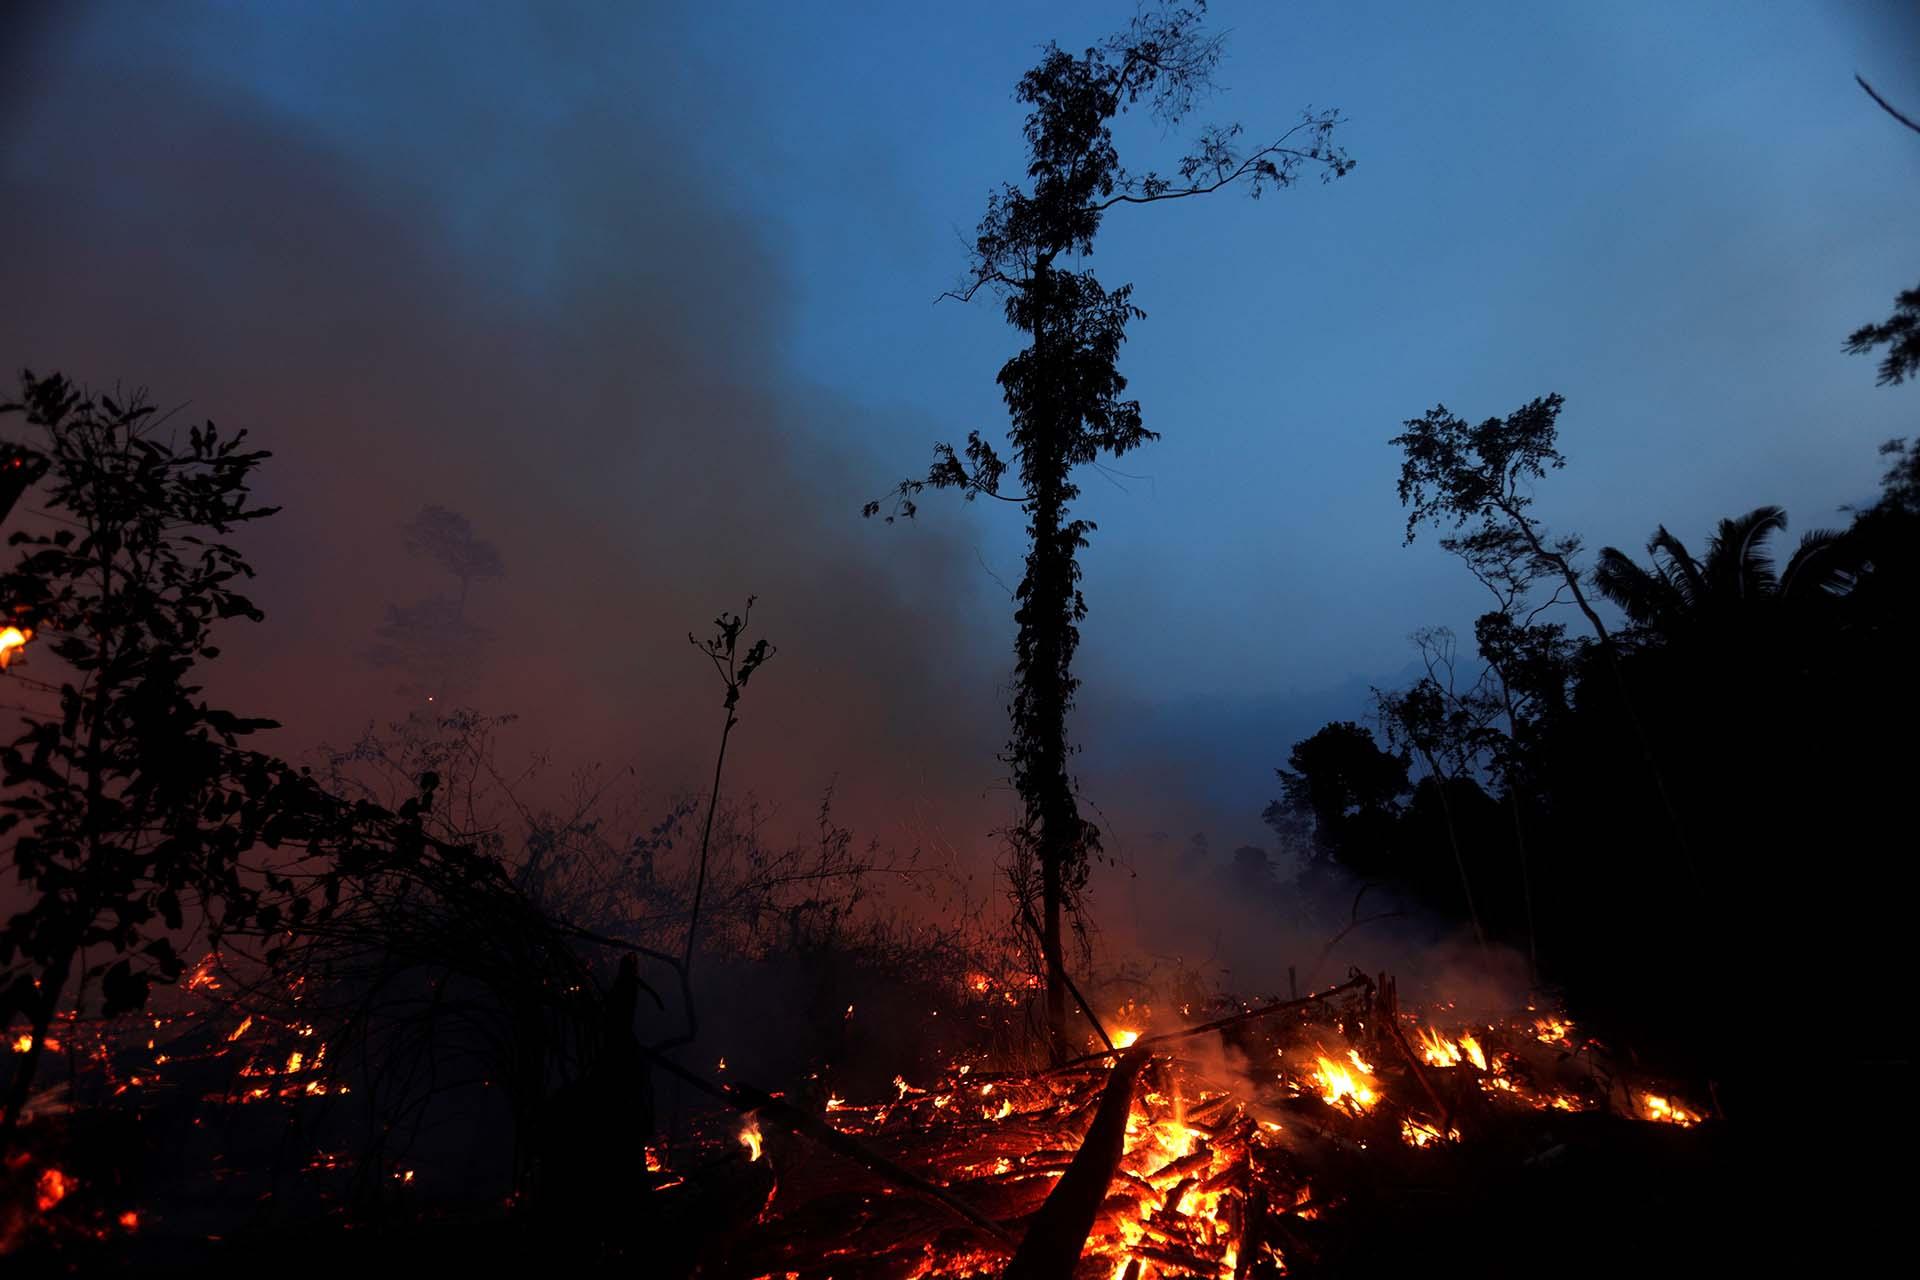 En los últimos 33 años, el Amazonas perdió 47 millones de hectáreas